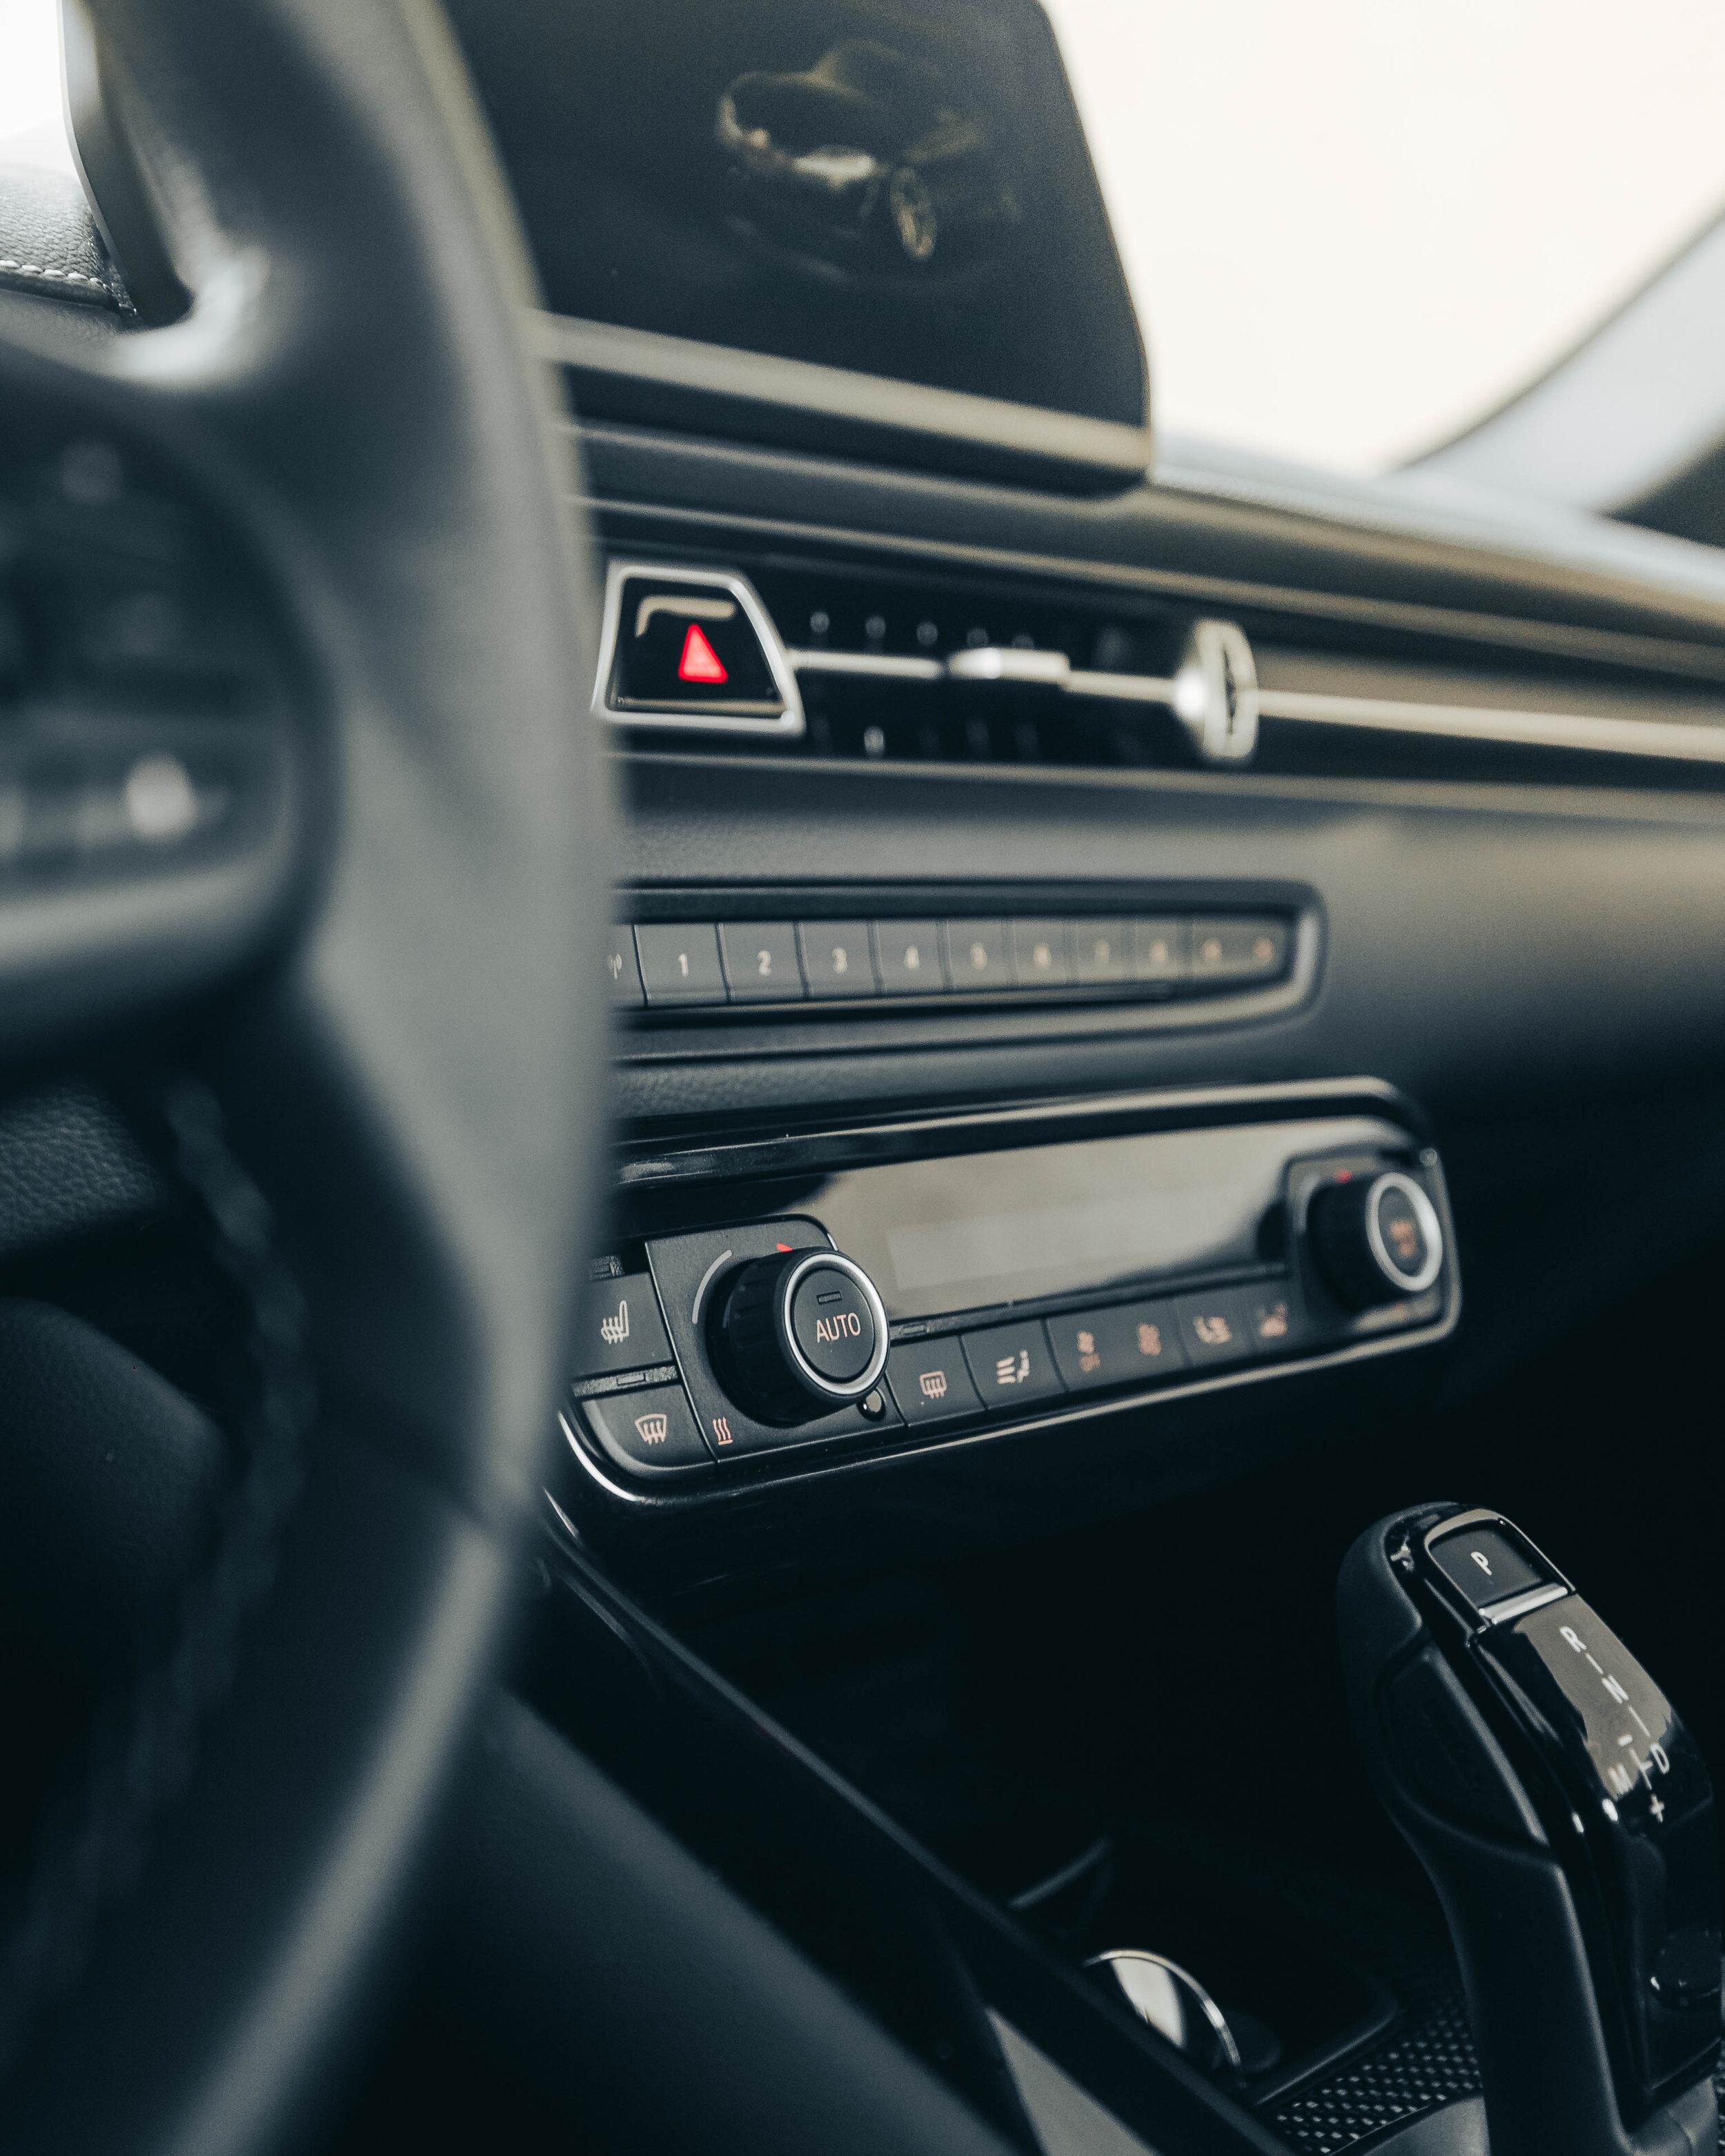 Supra Mk5 Interior : supra, interior, Toyota, Supra, Review, KIMON, MARITZ